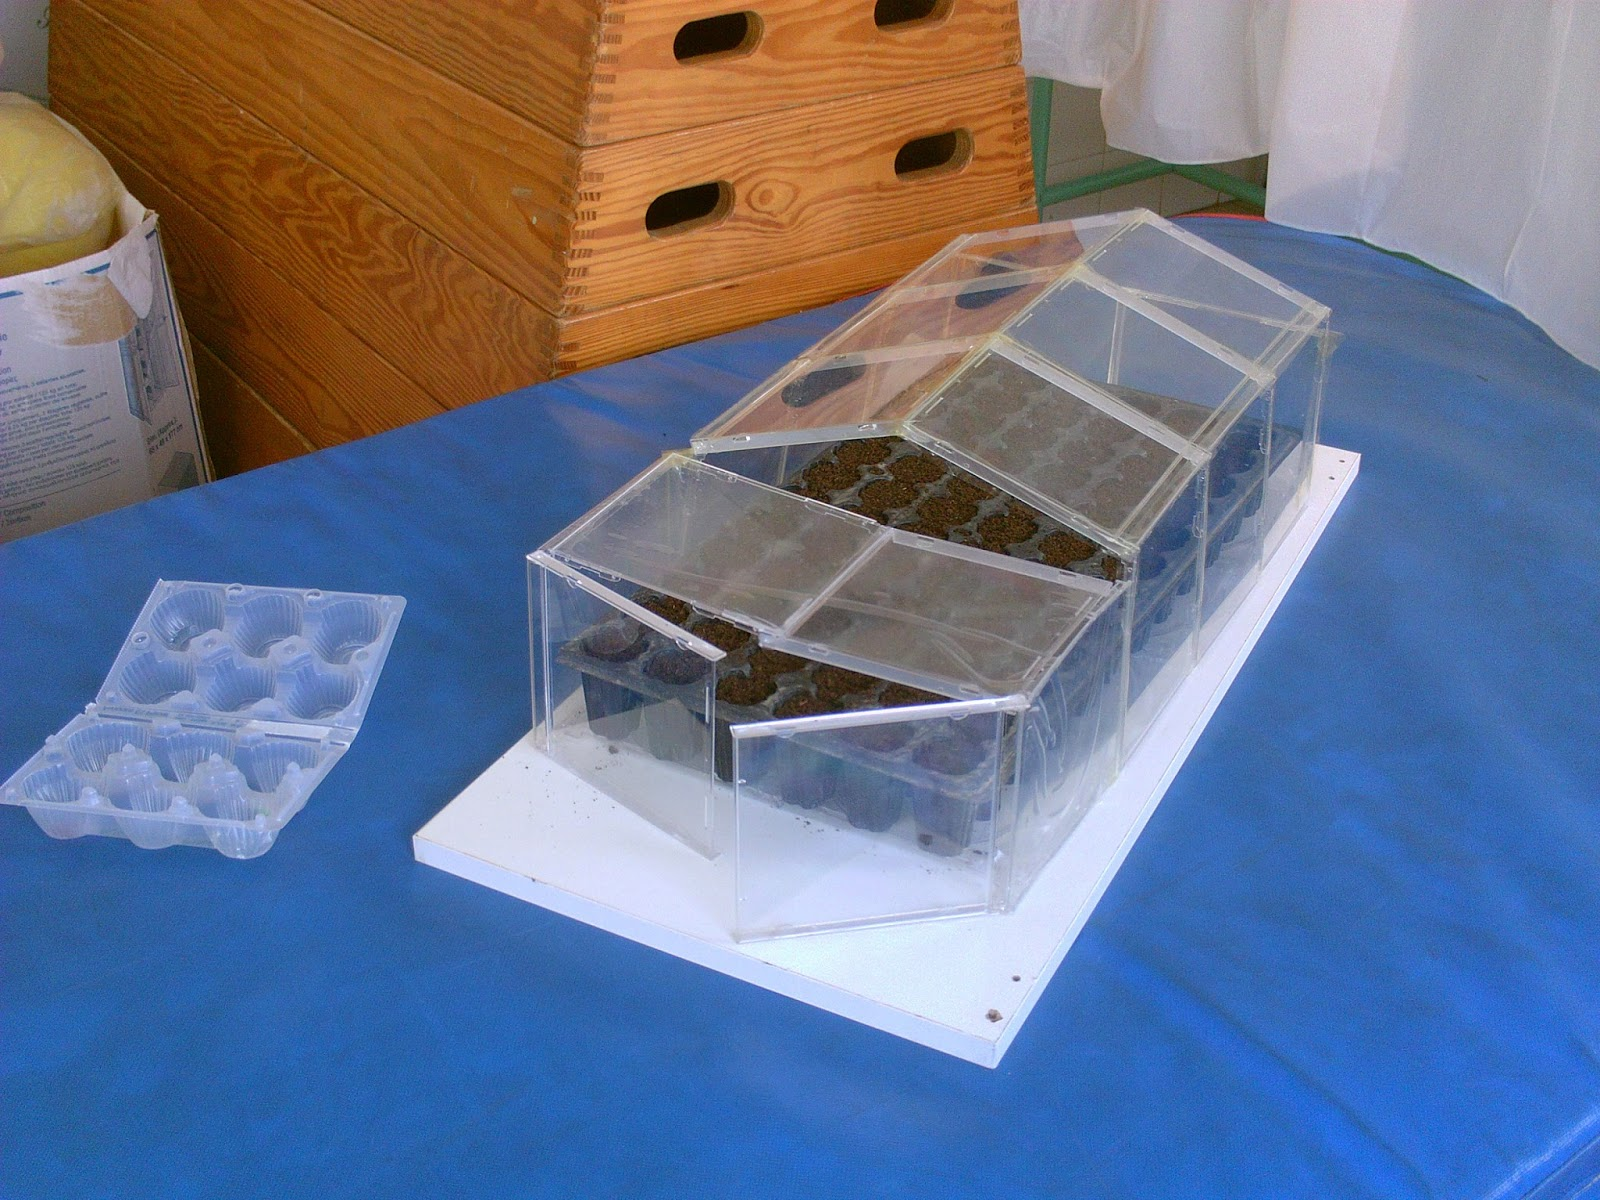 Manual del cient fico menudo invernadero - Como hacer un invernadero pequeno ...